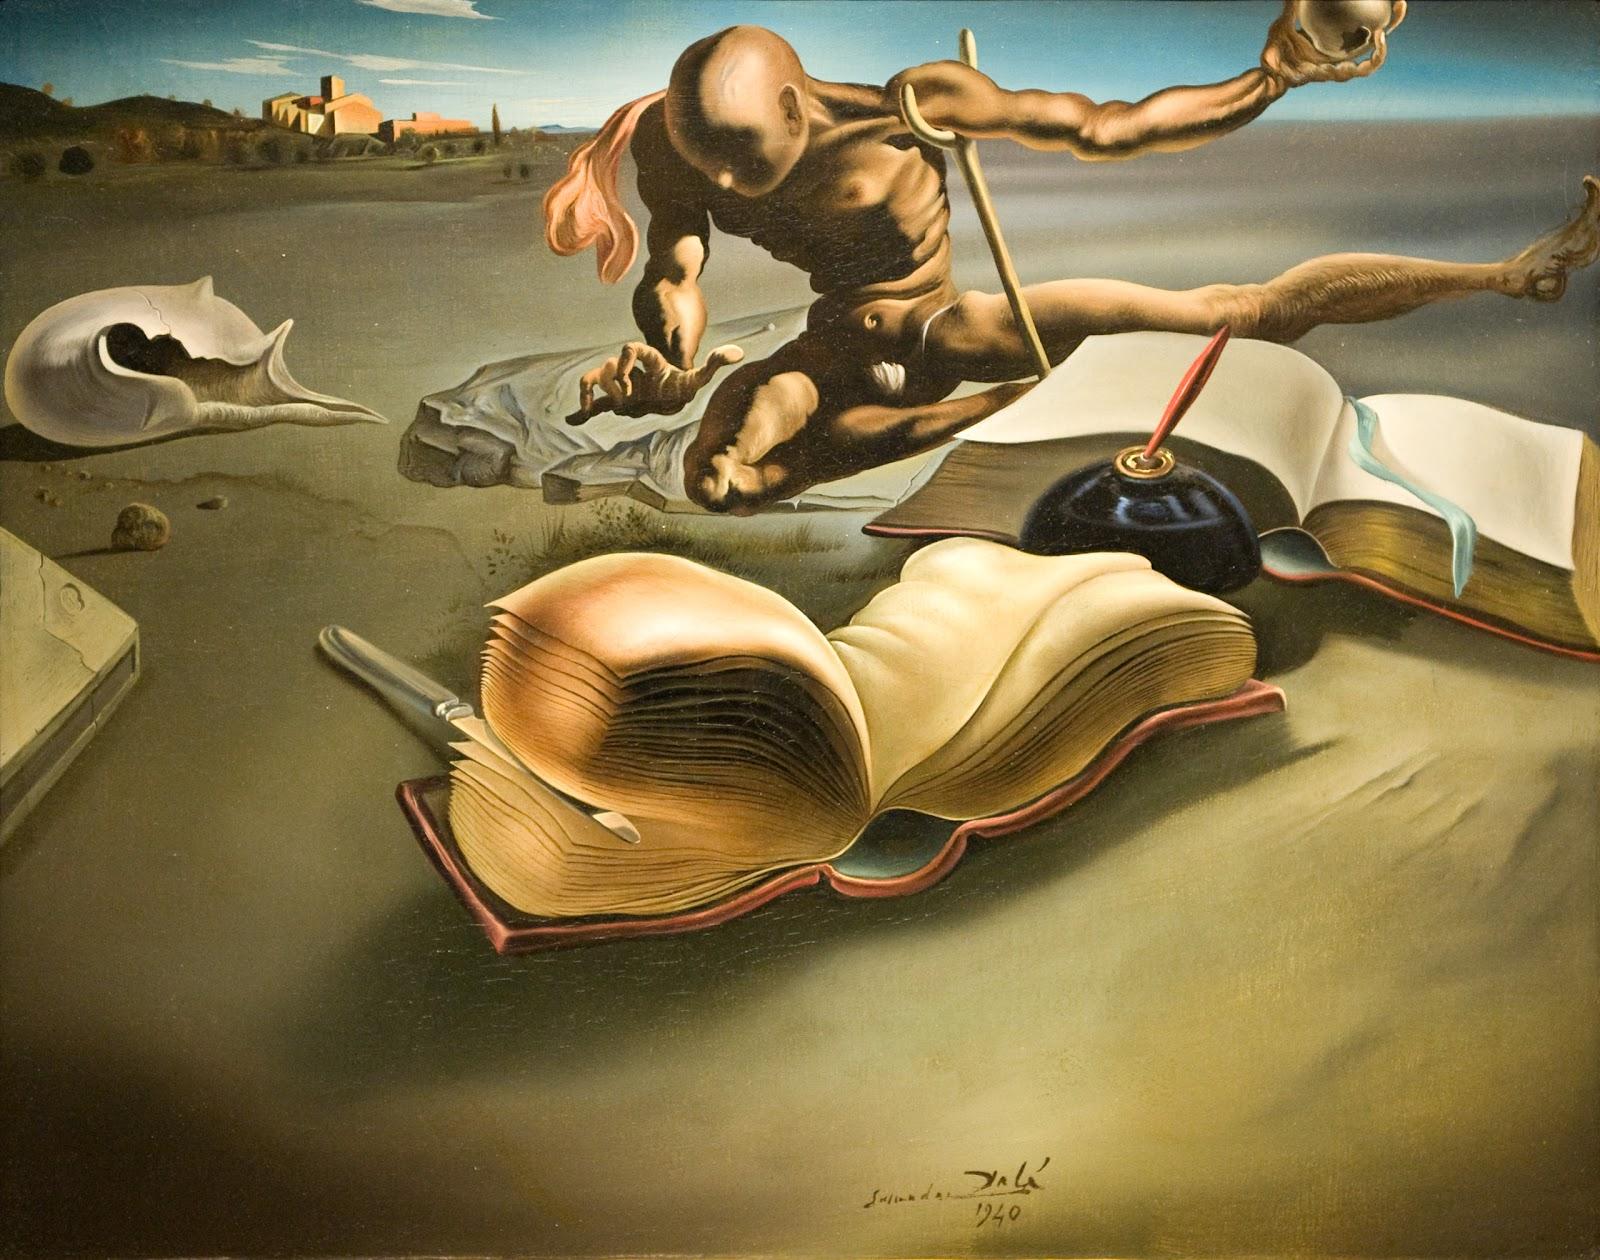 E L Doctorow: Scrivere è Un'esplorazione Parti Dal Nulla, Ed Impari  Mentre Procedi